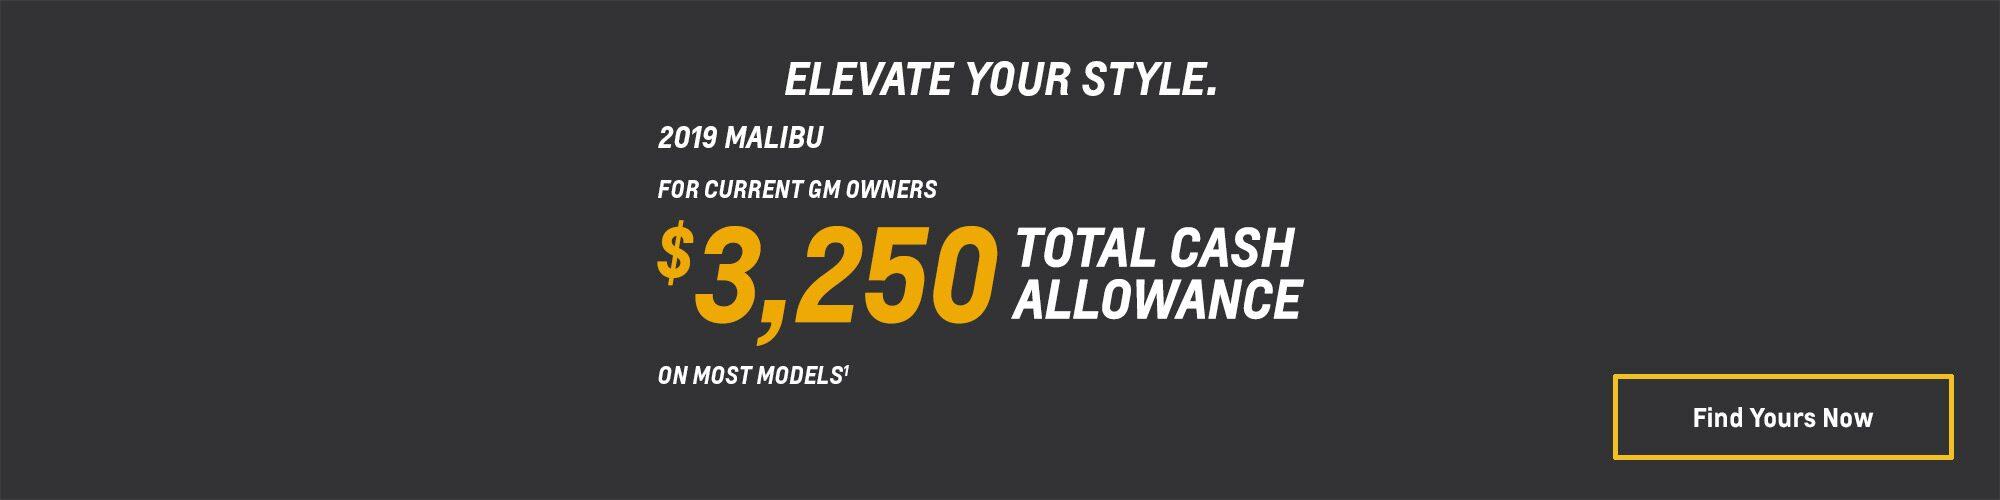 2019 Malibu: $3,250 Total Cash Allowance